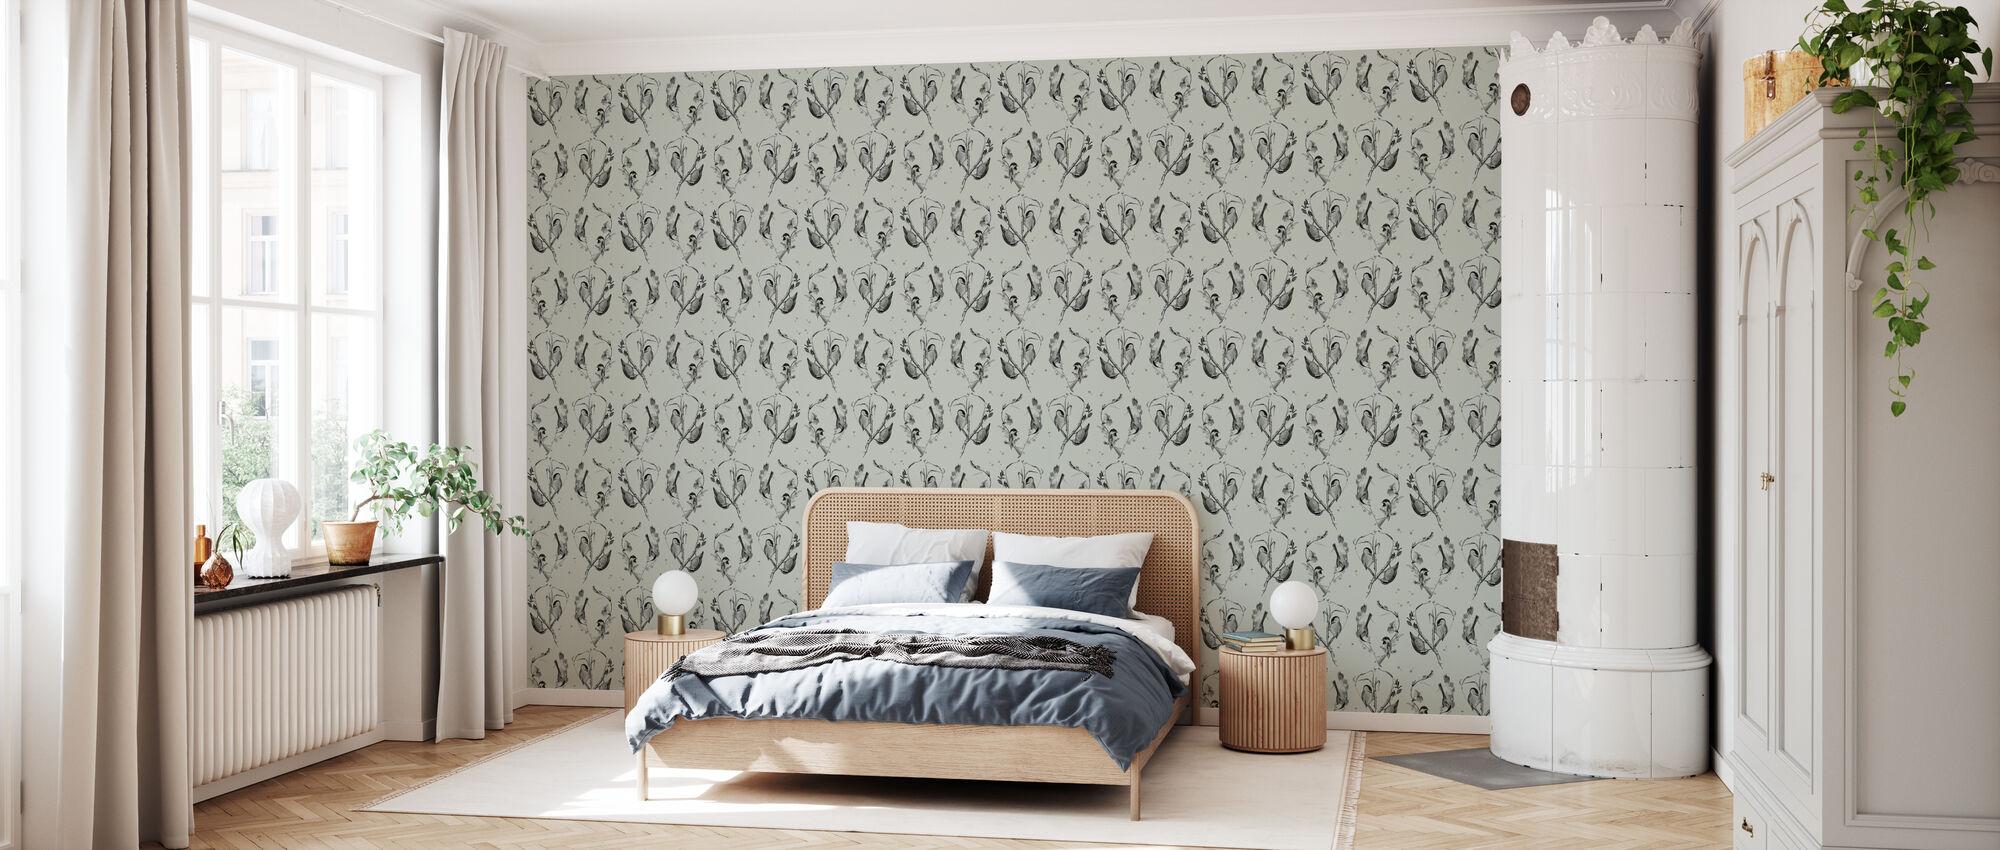 Cuckoo's Nest Moss - Wallpaper - Bedroom